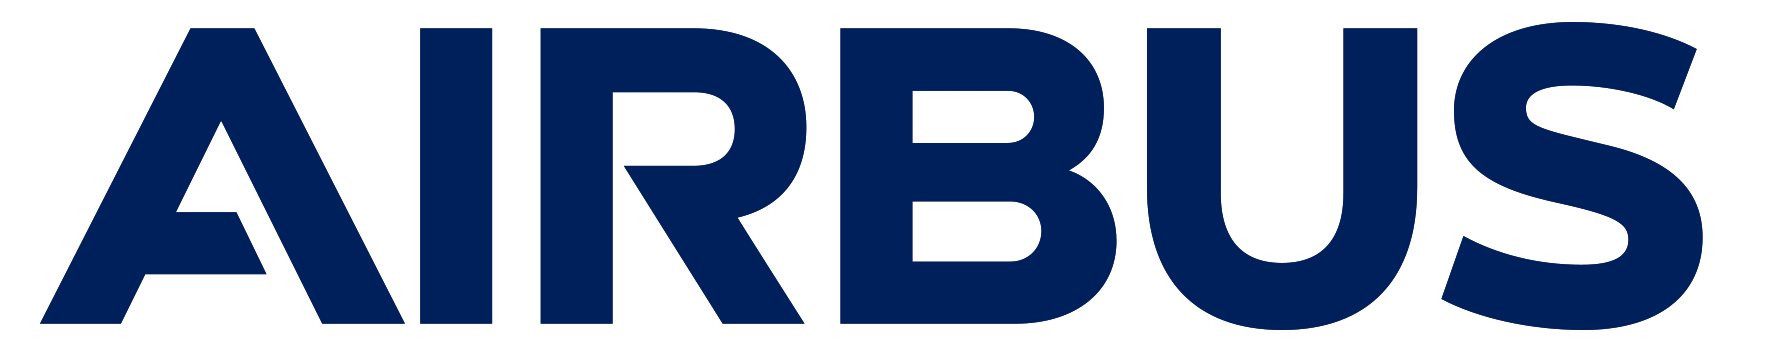 Airbus logo 2017 png